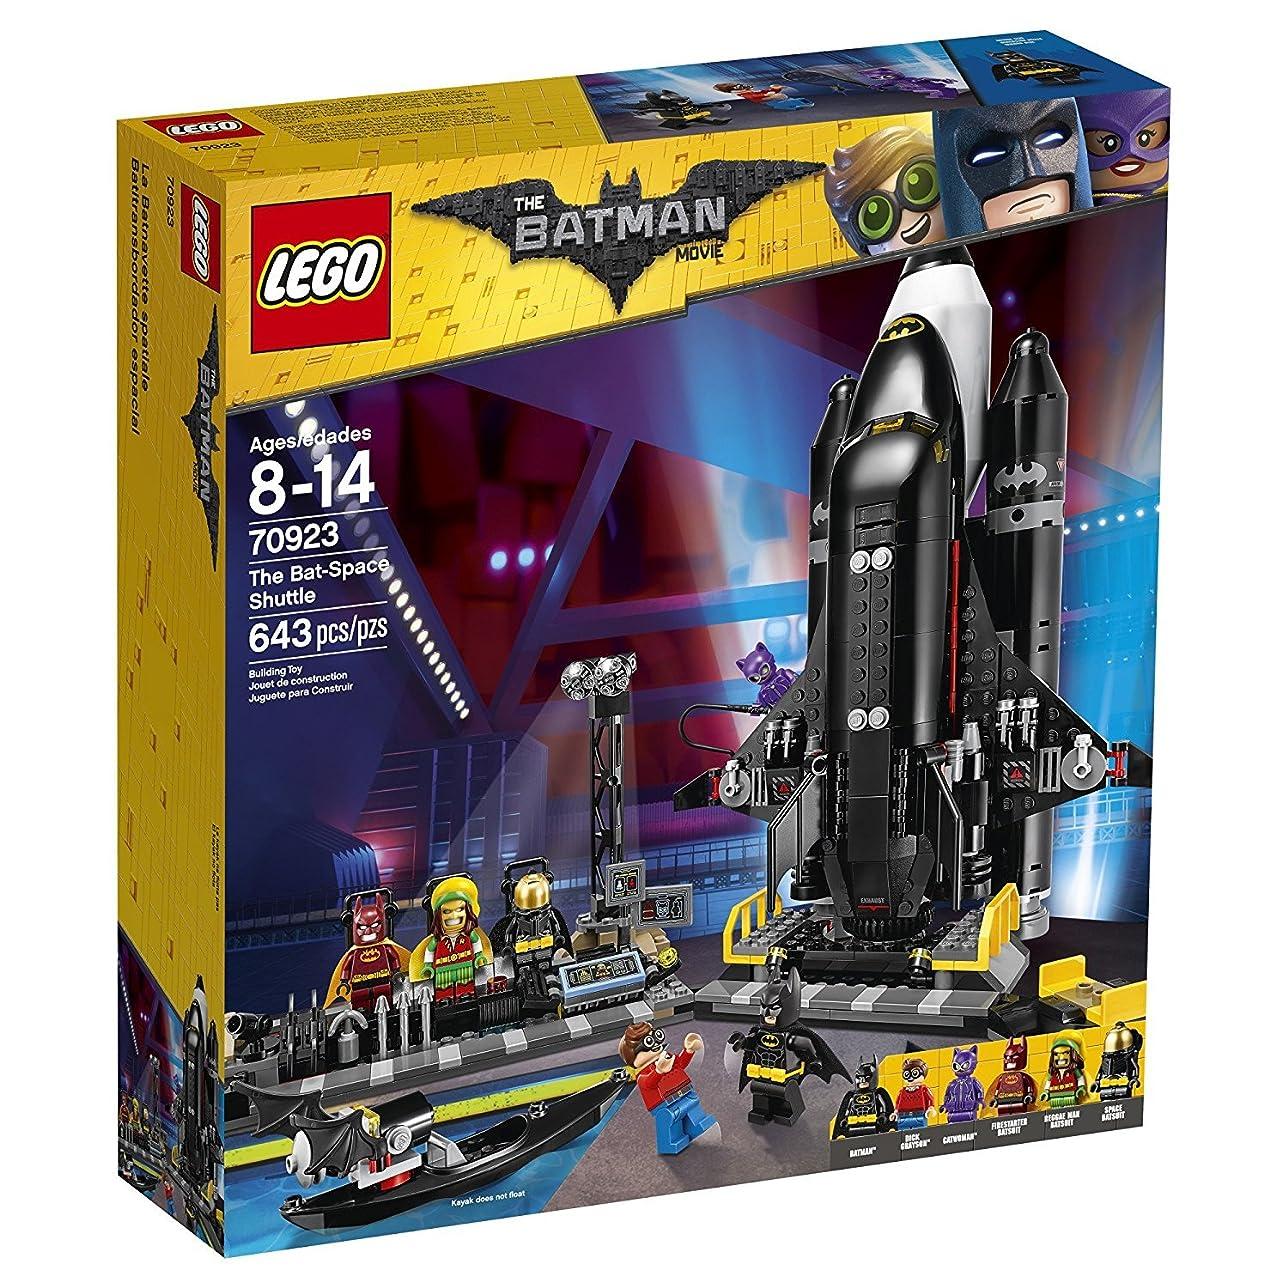 ファックス色怒っているレゴ(LEGO) Batman Movie バットスペースシャトル (The Bat Space Shuttle) 643pcs [海外直送品] [並行輸入品]